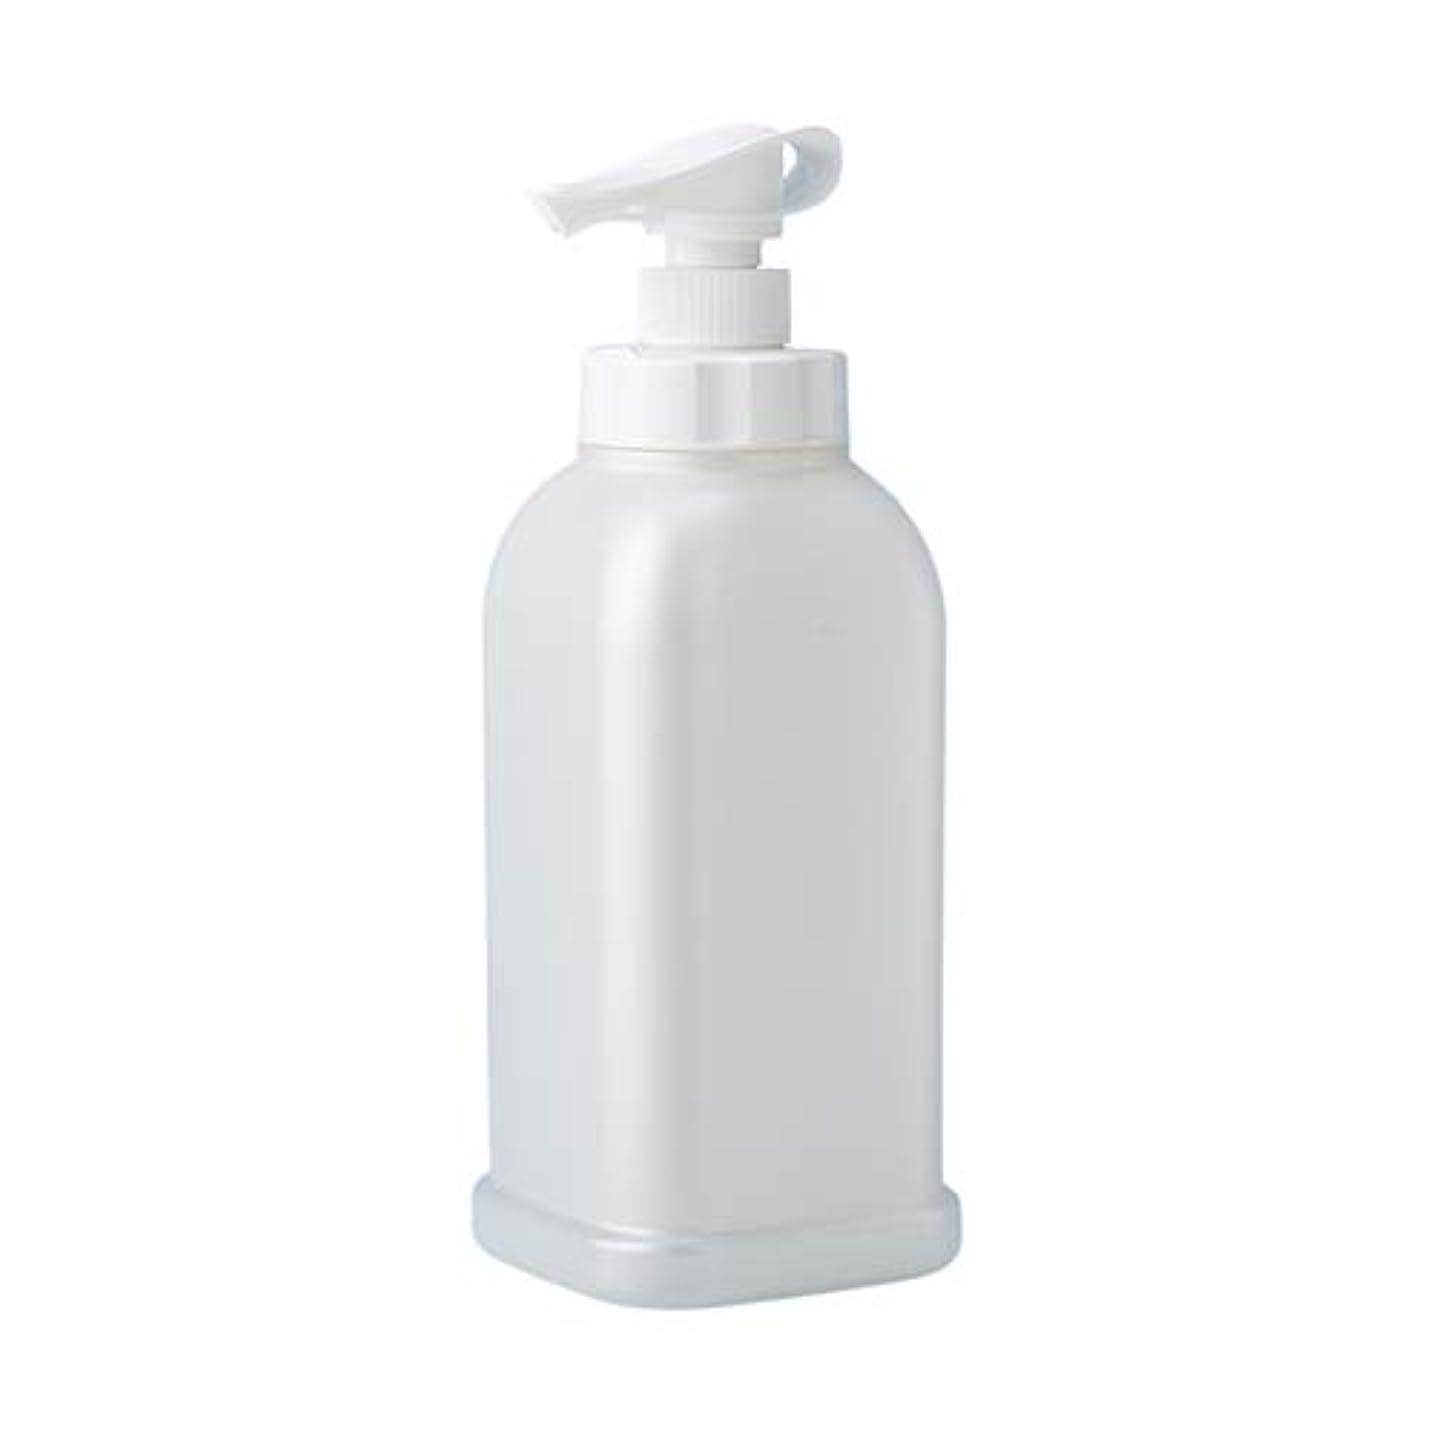 分離するヒロイック脅威安定感のある ポンプボトル シャンプー コンディショナー リンス ボディソープ ハンドソープ 1.2L詰め替え容器 パールホワイト